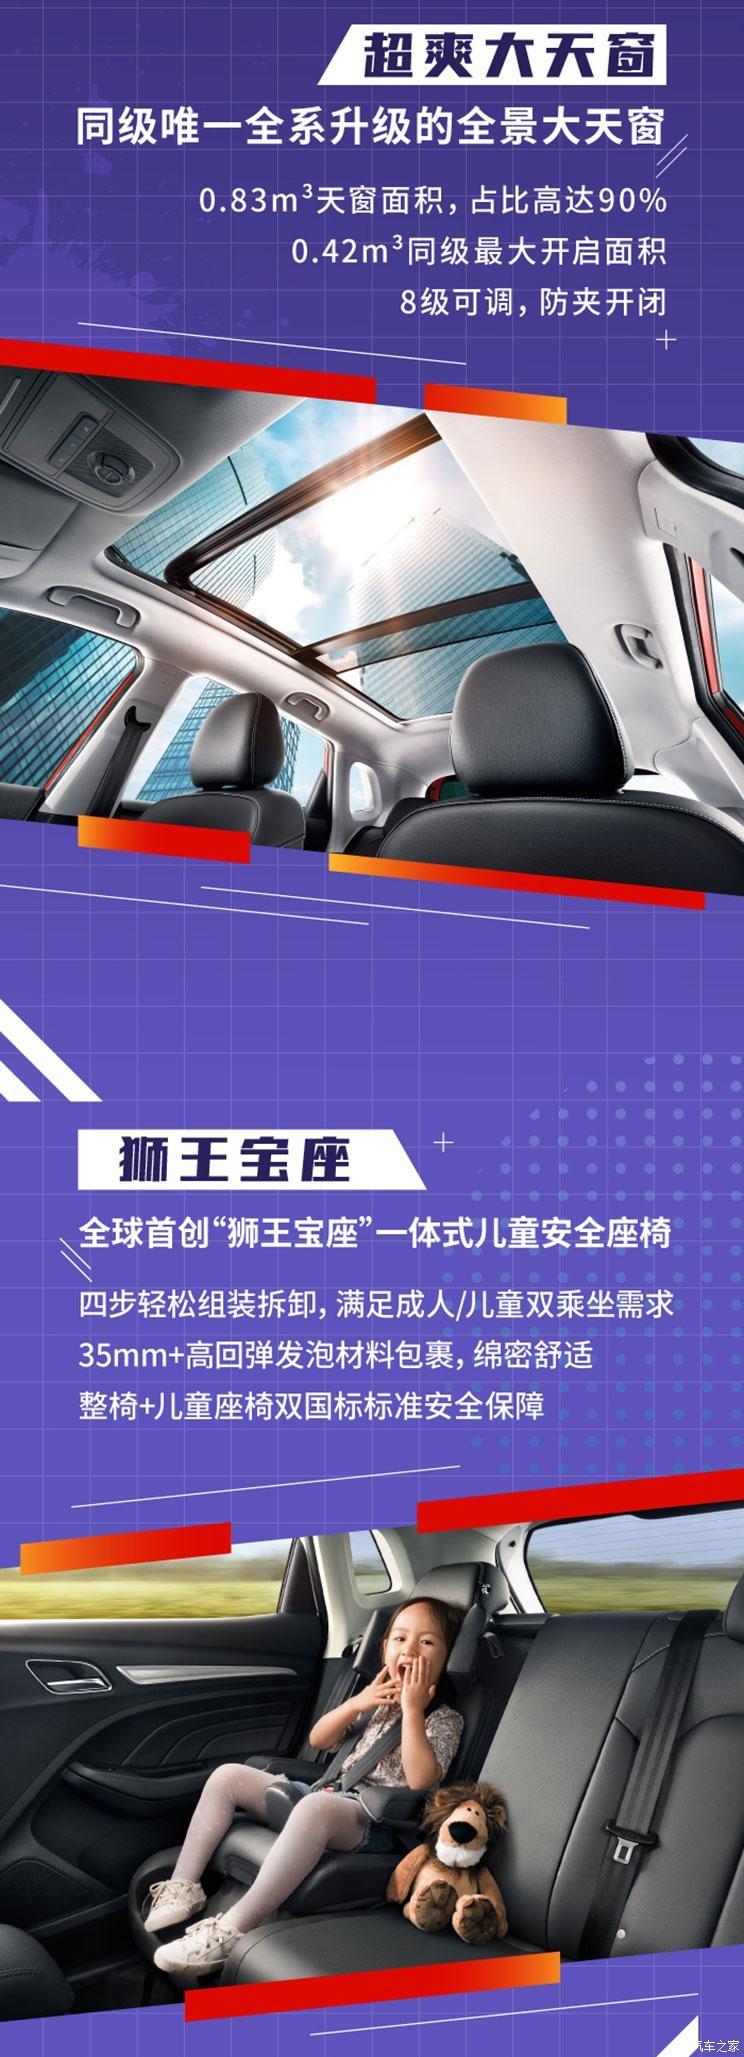 售6.98-11.08万元 2019款荣威RX3上市-汽车氪